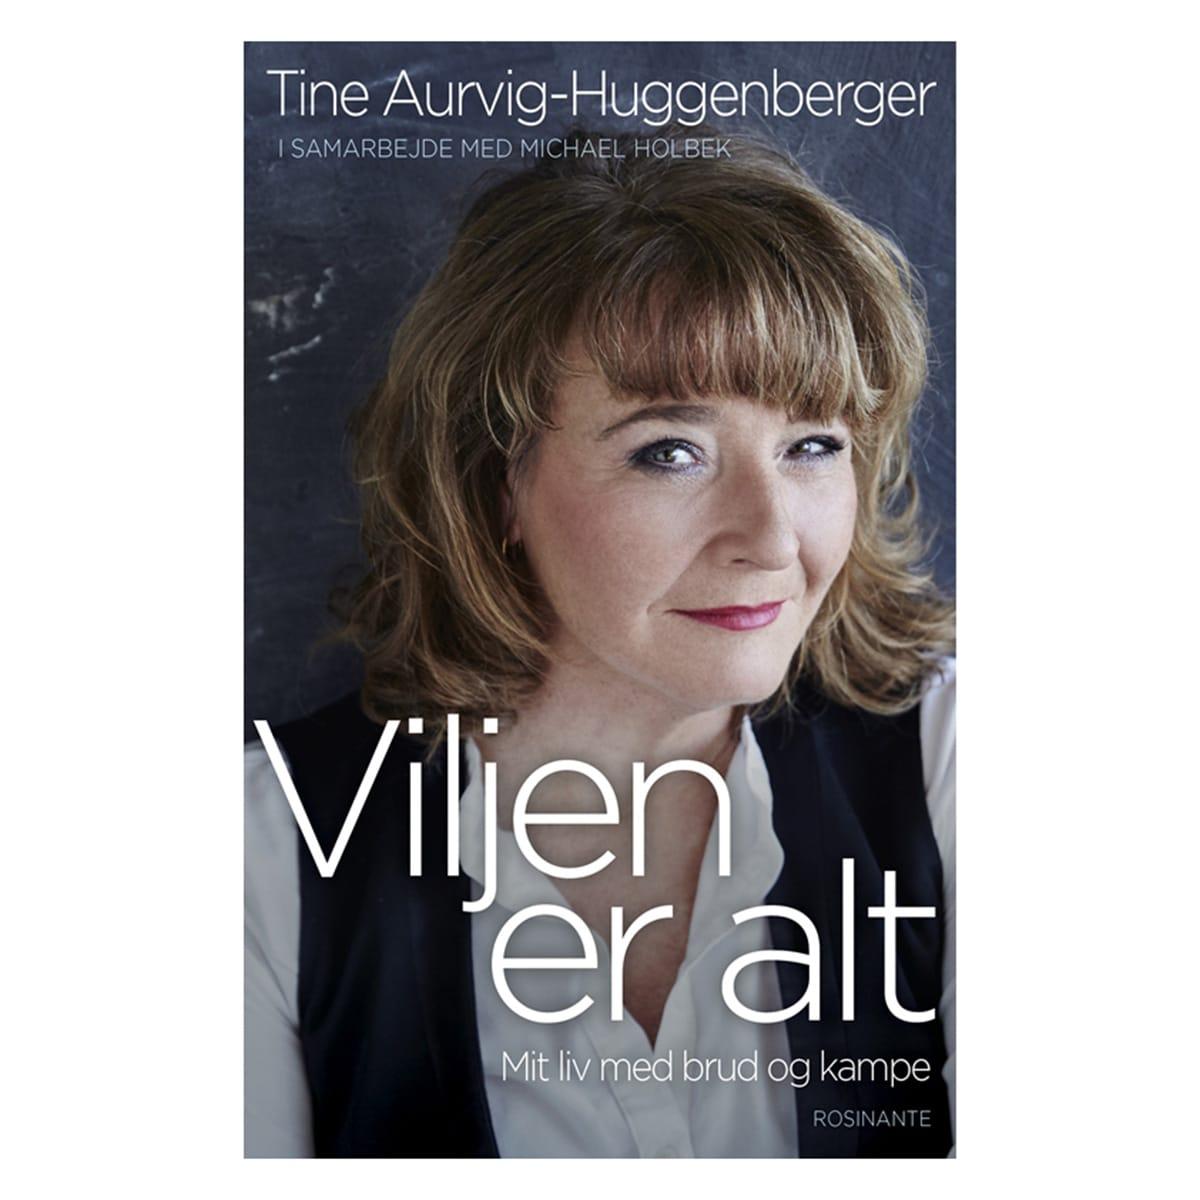 Af Michael Holbek & Tine Aurvig-Huggenberger